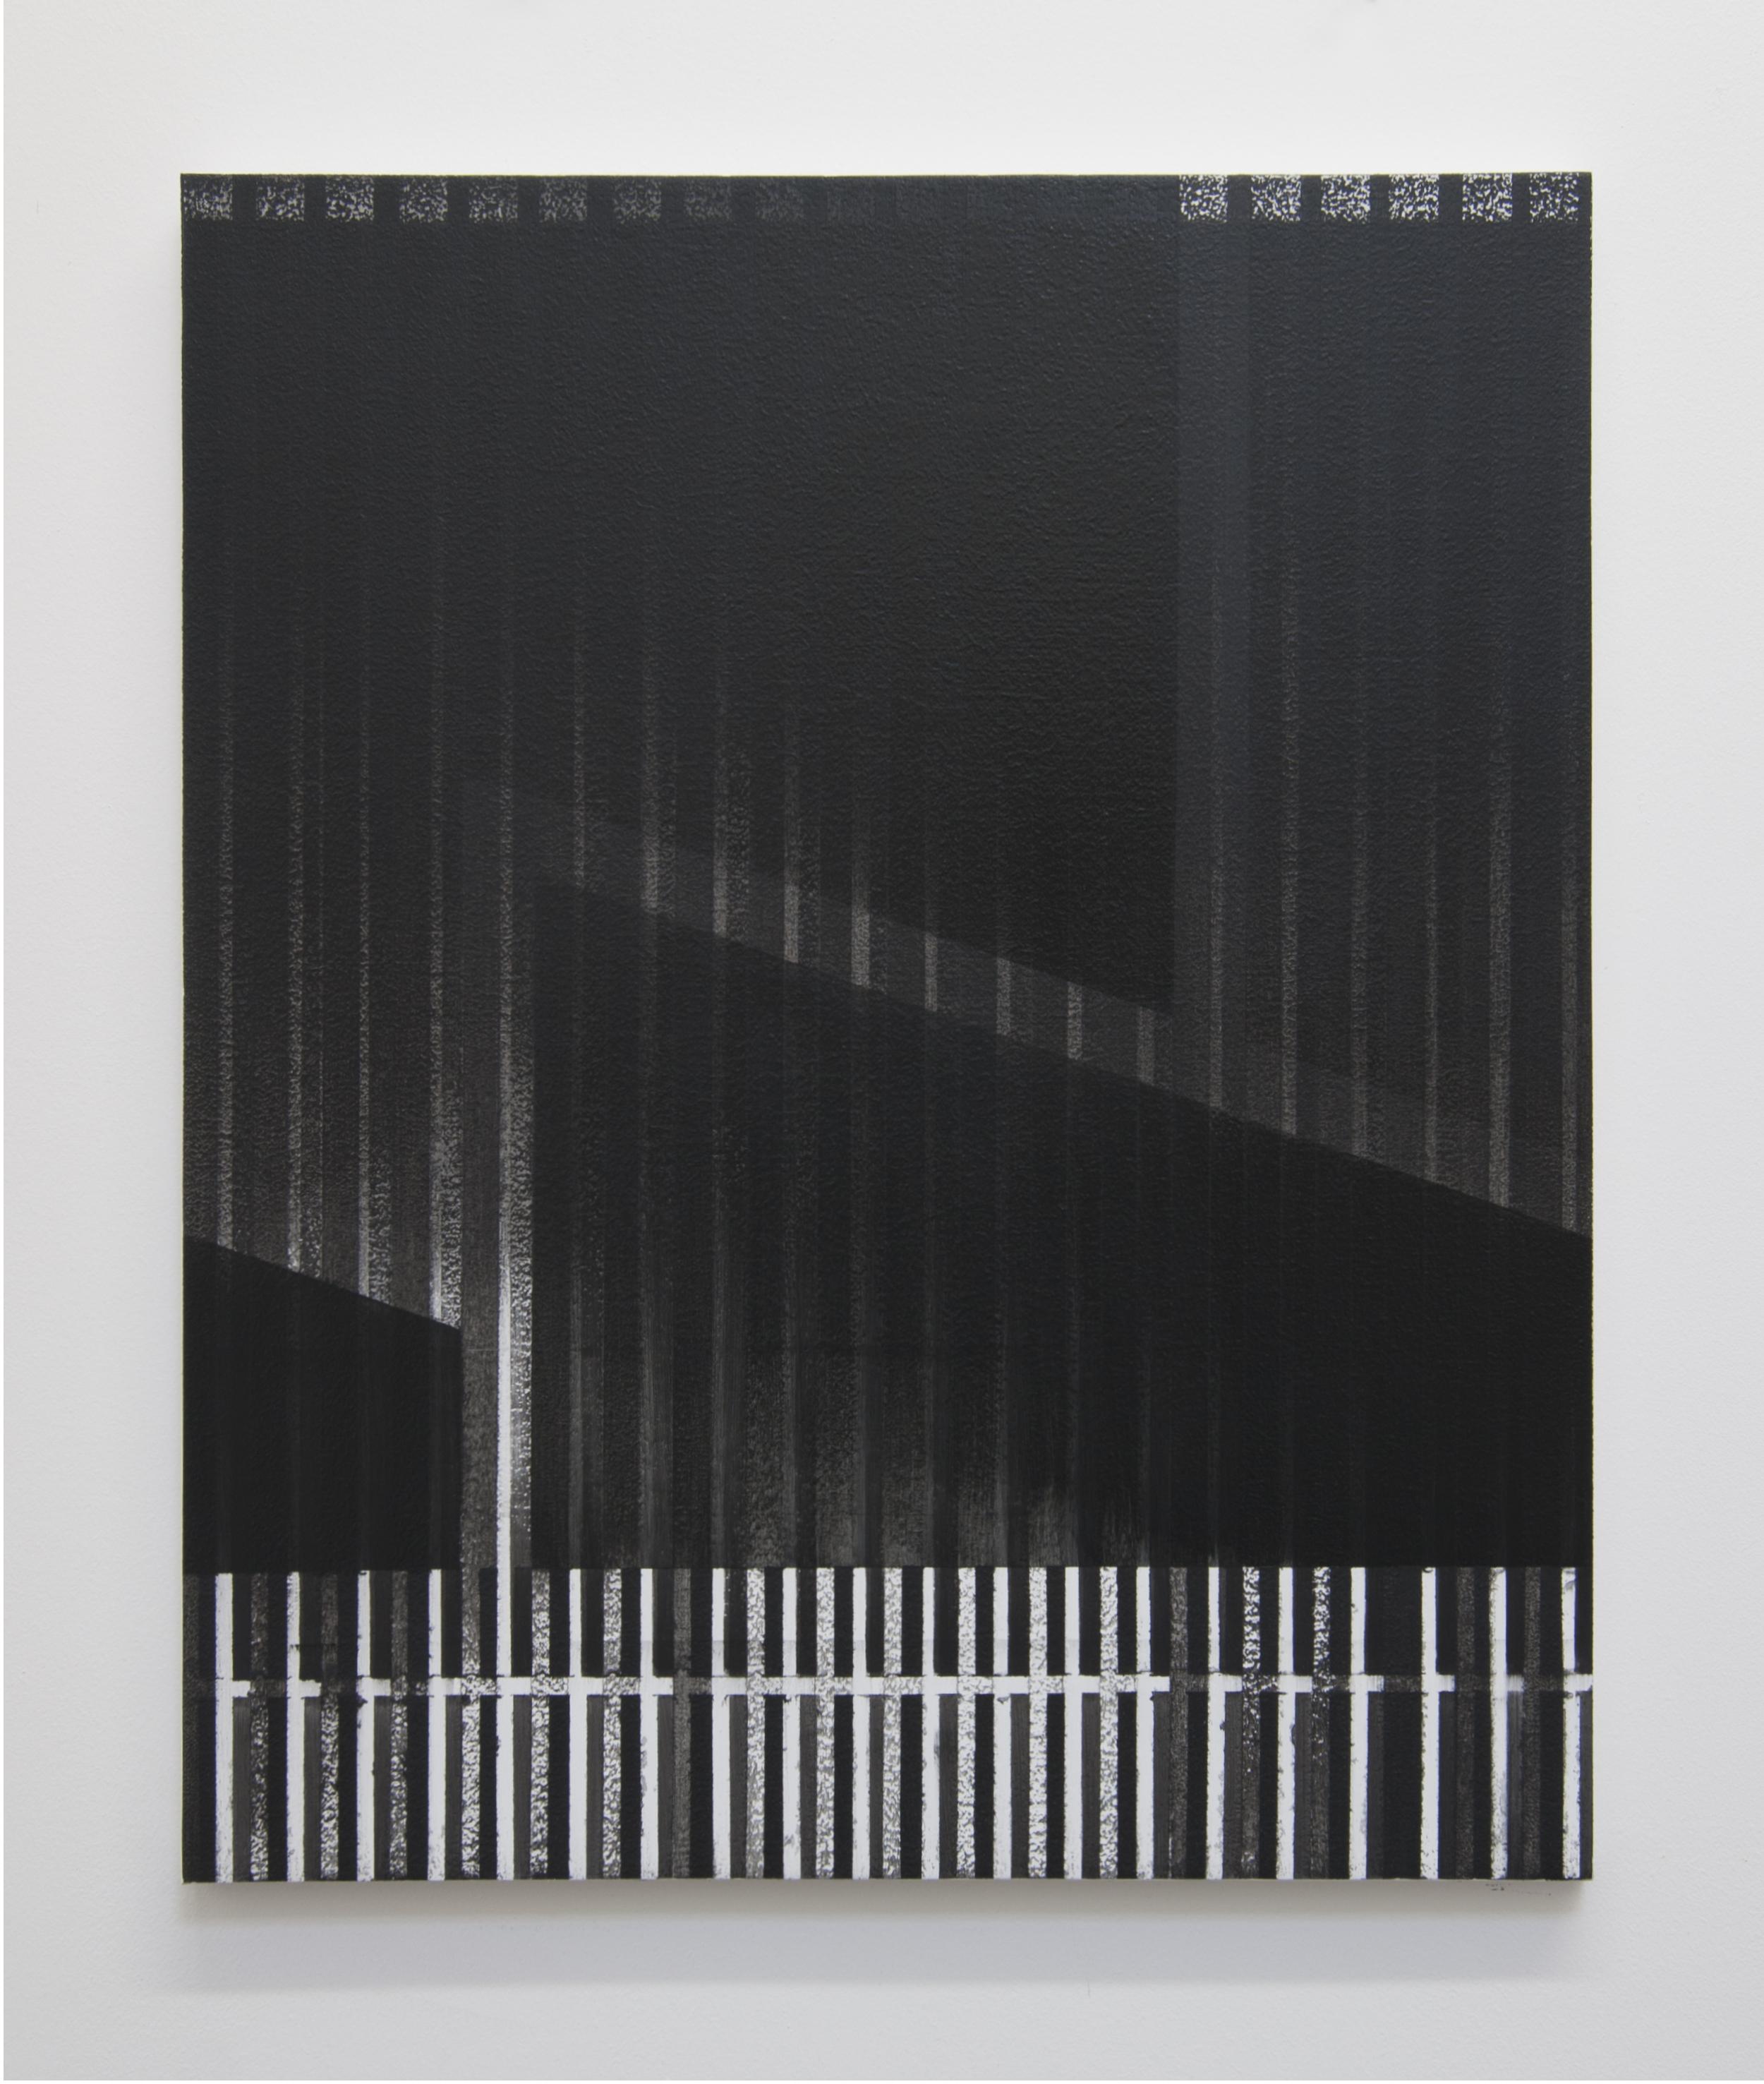 Facade, 2014  Acrylic on panel, 24 x 20 inches